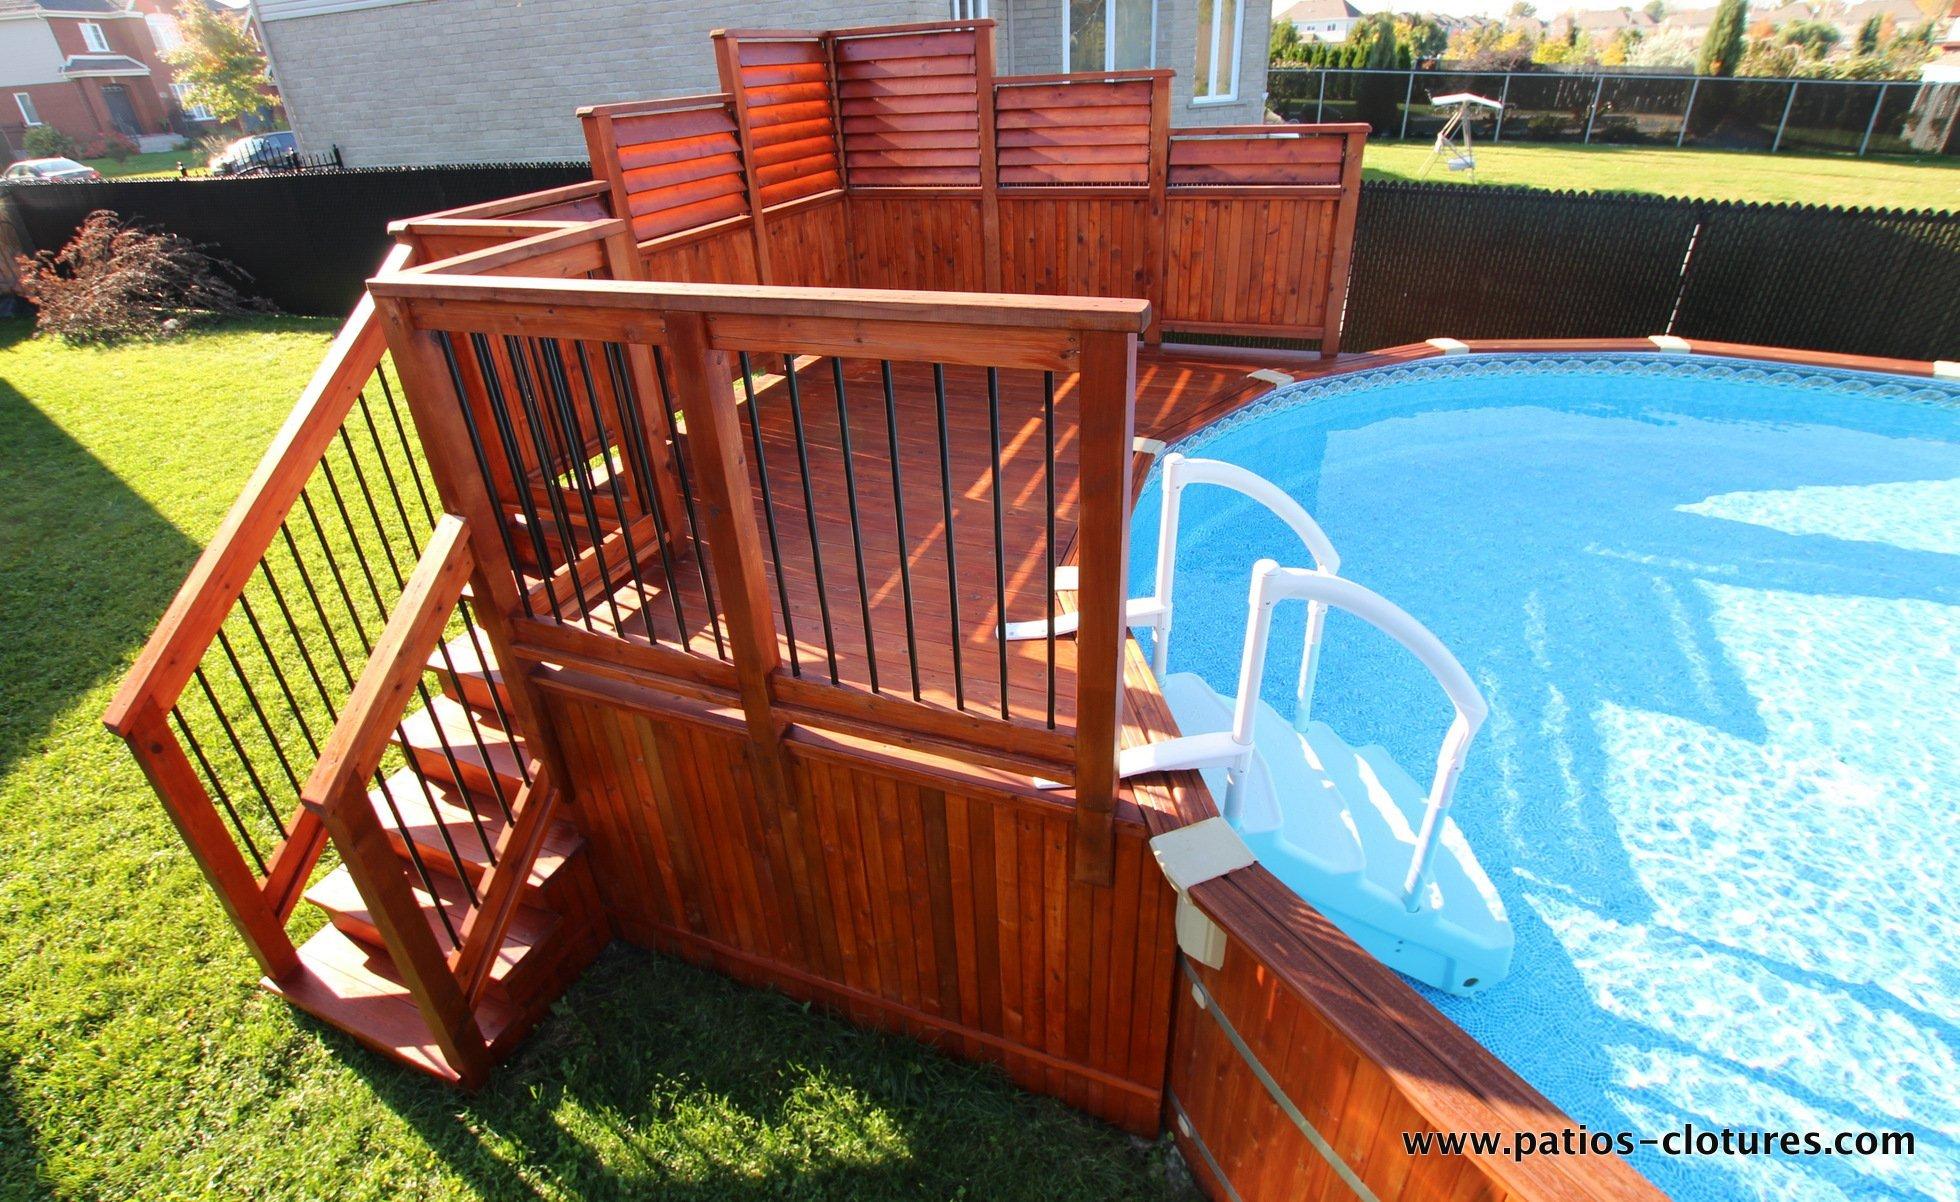 Extrêmement Patios avec piscine Archives | Patios et Clôtures Beaulieu FM46